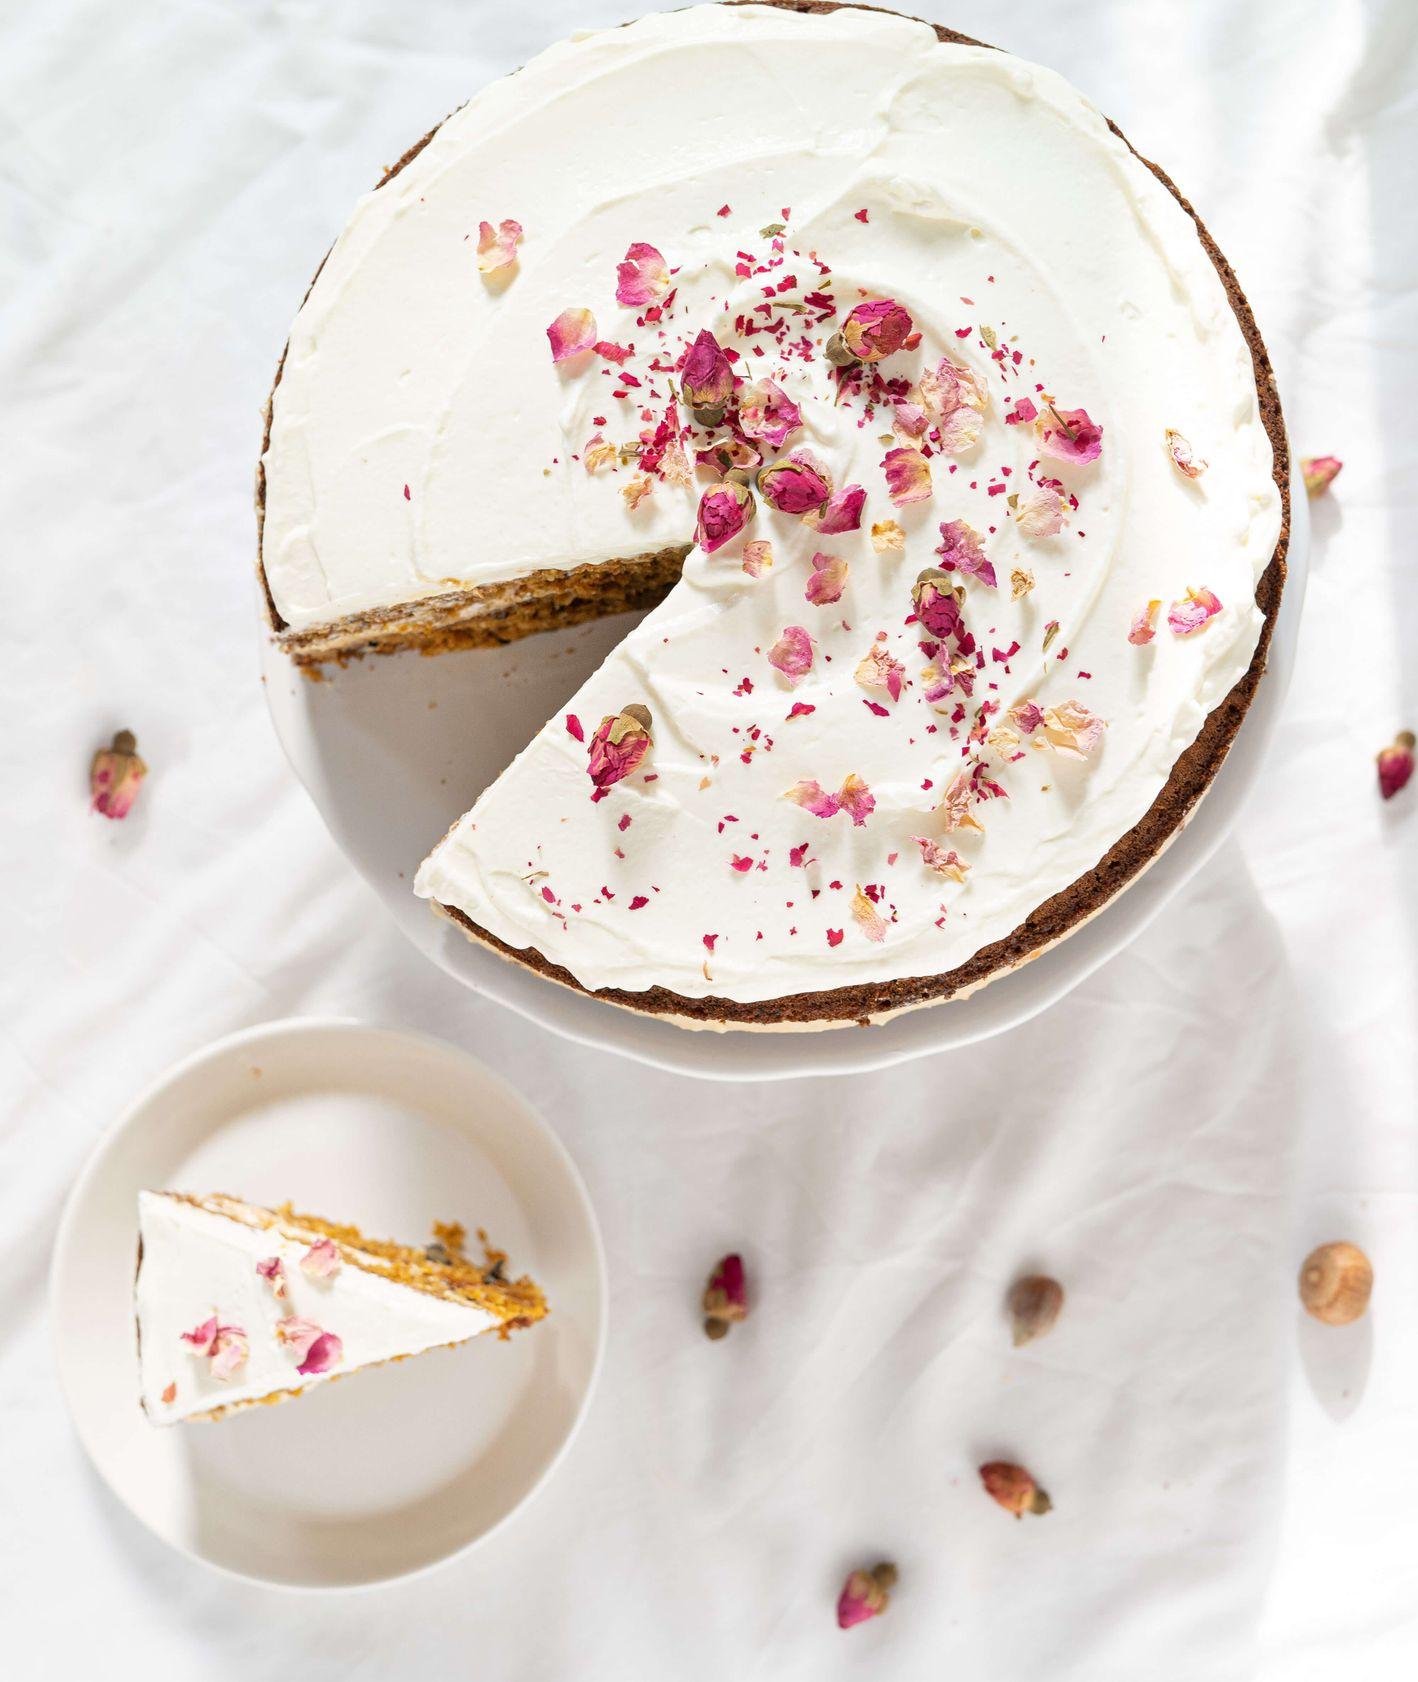 Korzenny tort dyniowy z kremem orzechowym - Ciasto dyniowe z kremem orzechowym przystrojone płatkami róży (fot. Martyna Cybuch)